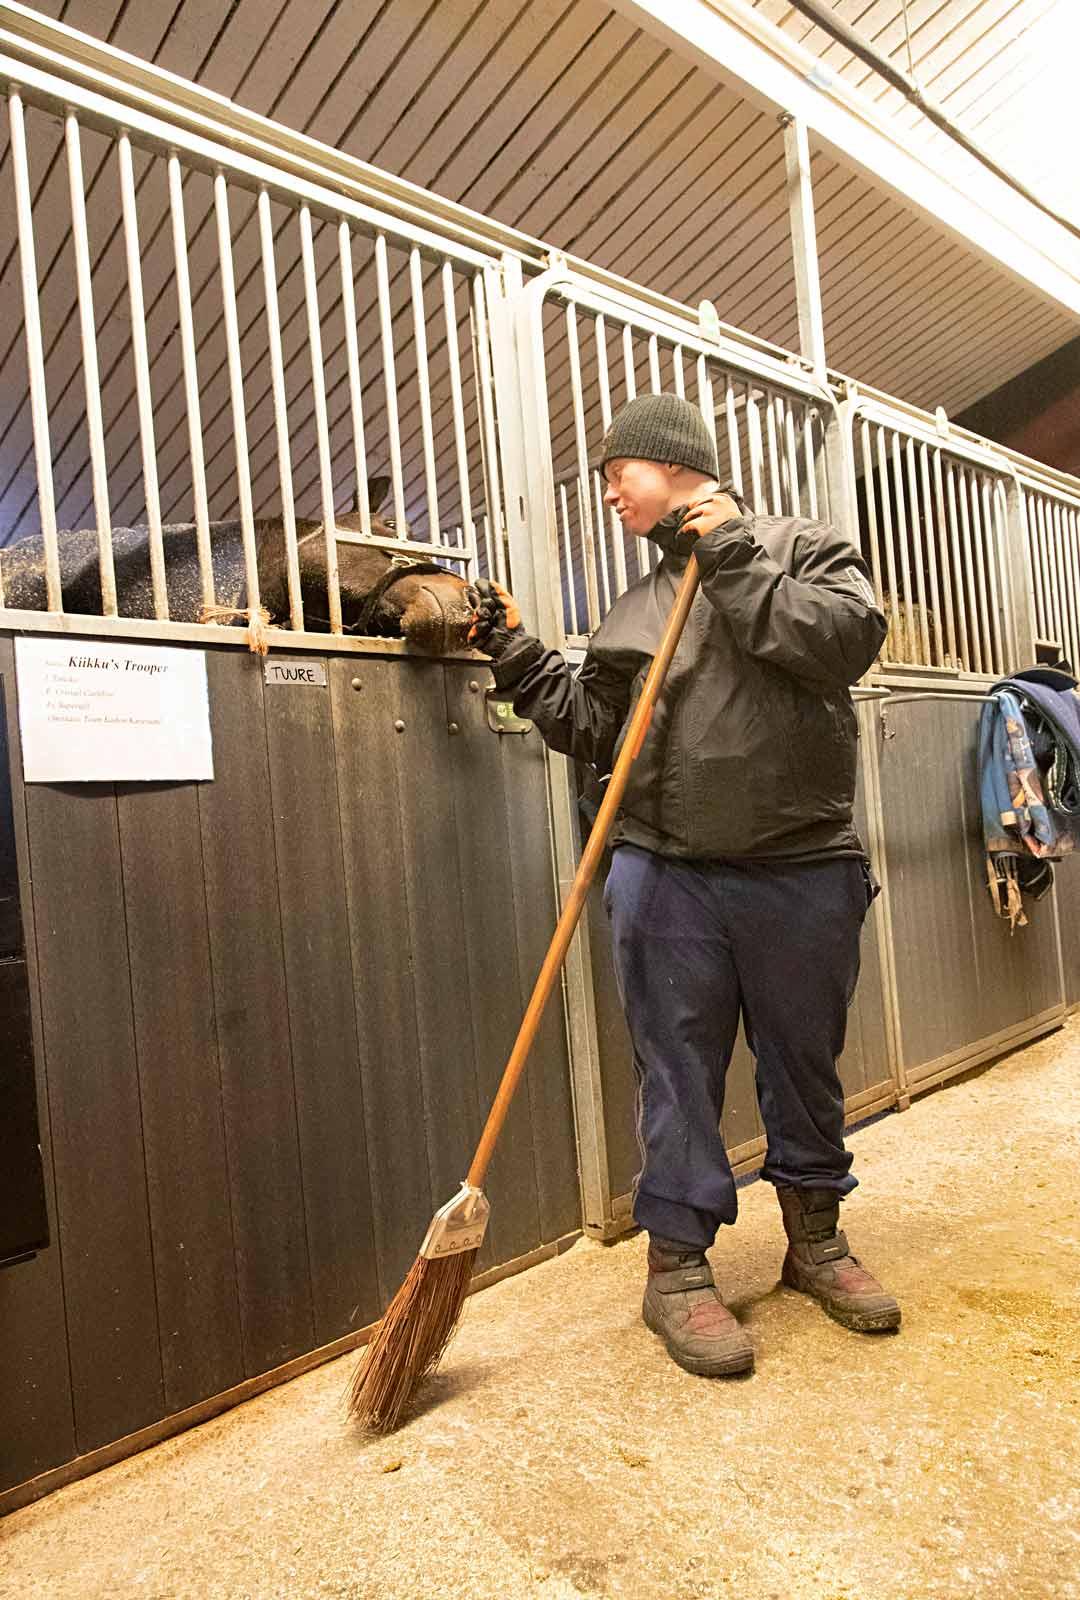 Miska Aropaasi pitää hevosista ja laulamisesta. Päivätoiminnassa hän tarttuu erityisen mielellään tallitöihin.